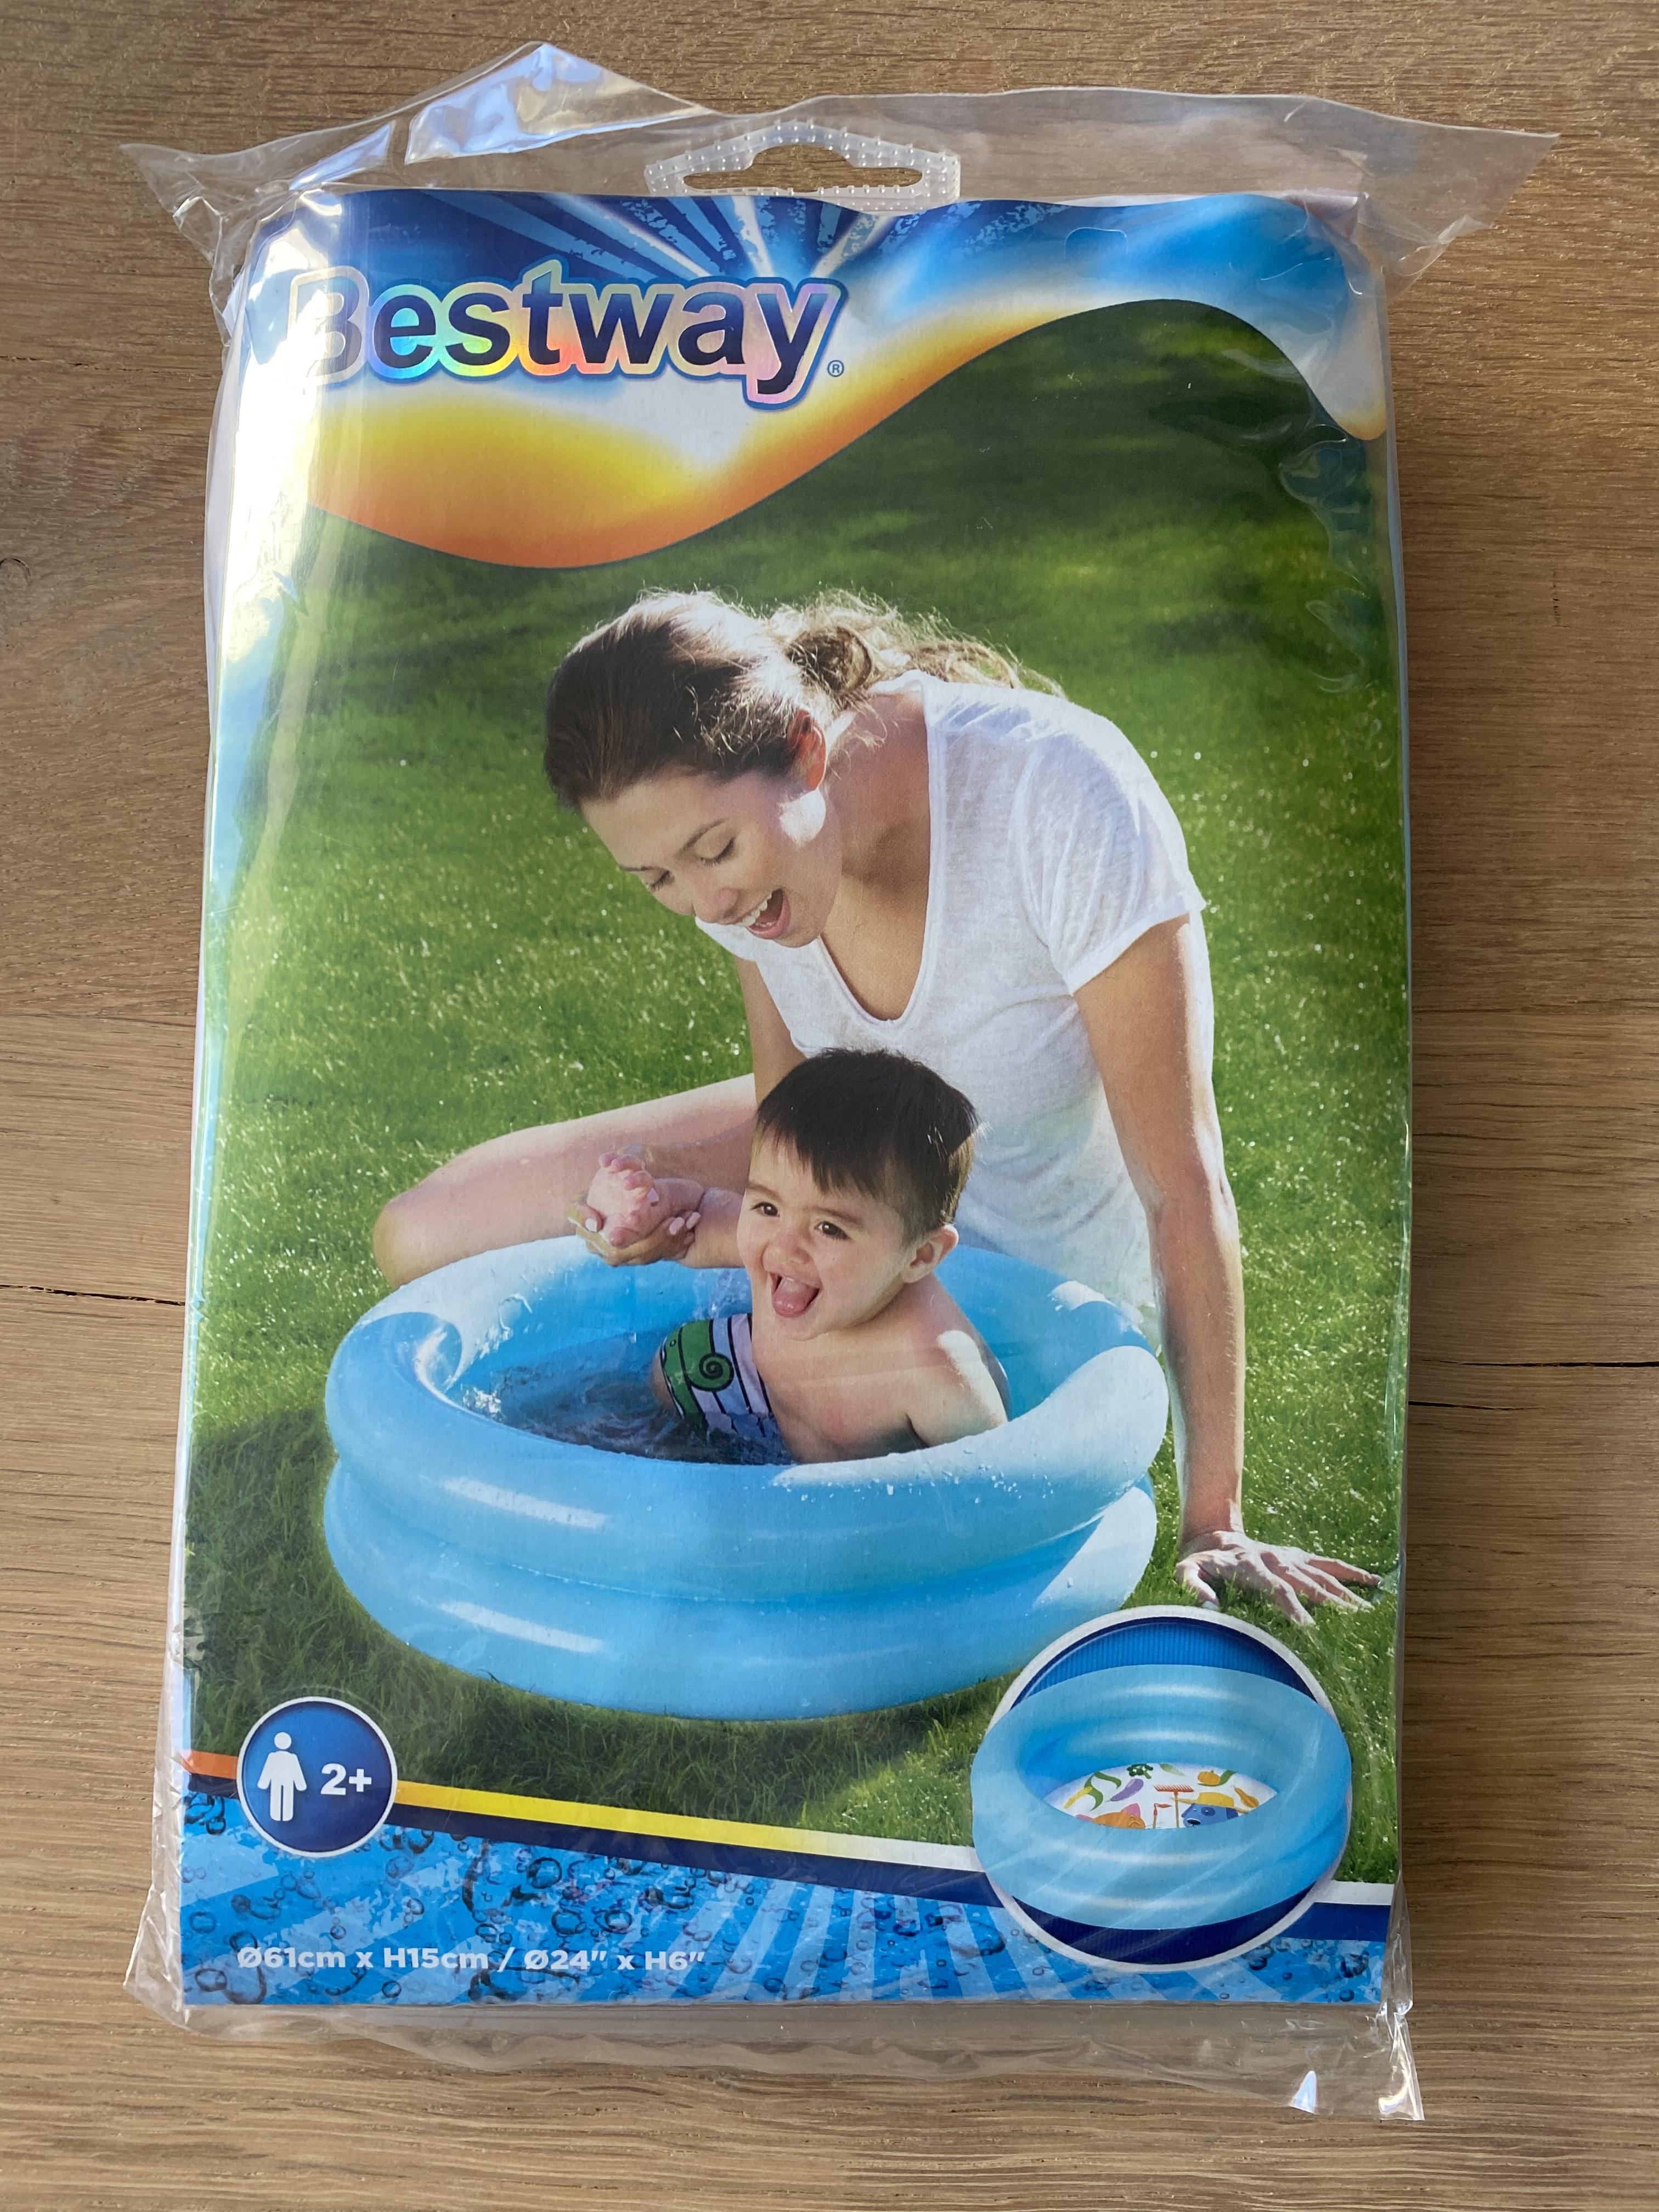 Bestway baby zwembadje (roze of blauw, 61cm x 51cm)